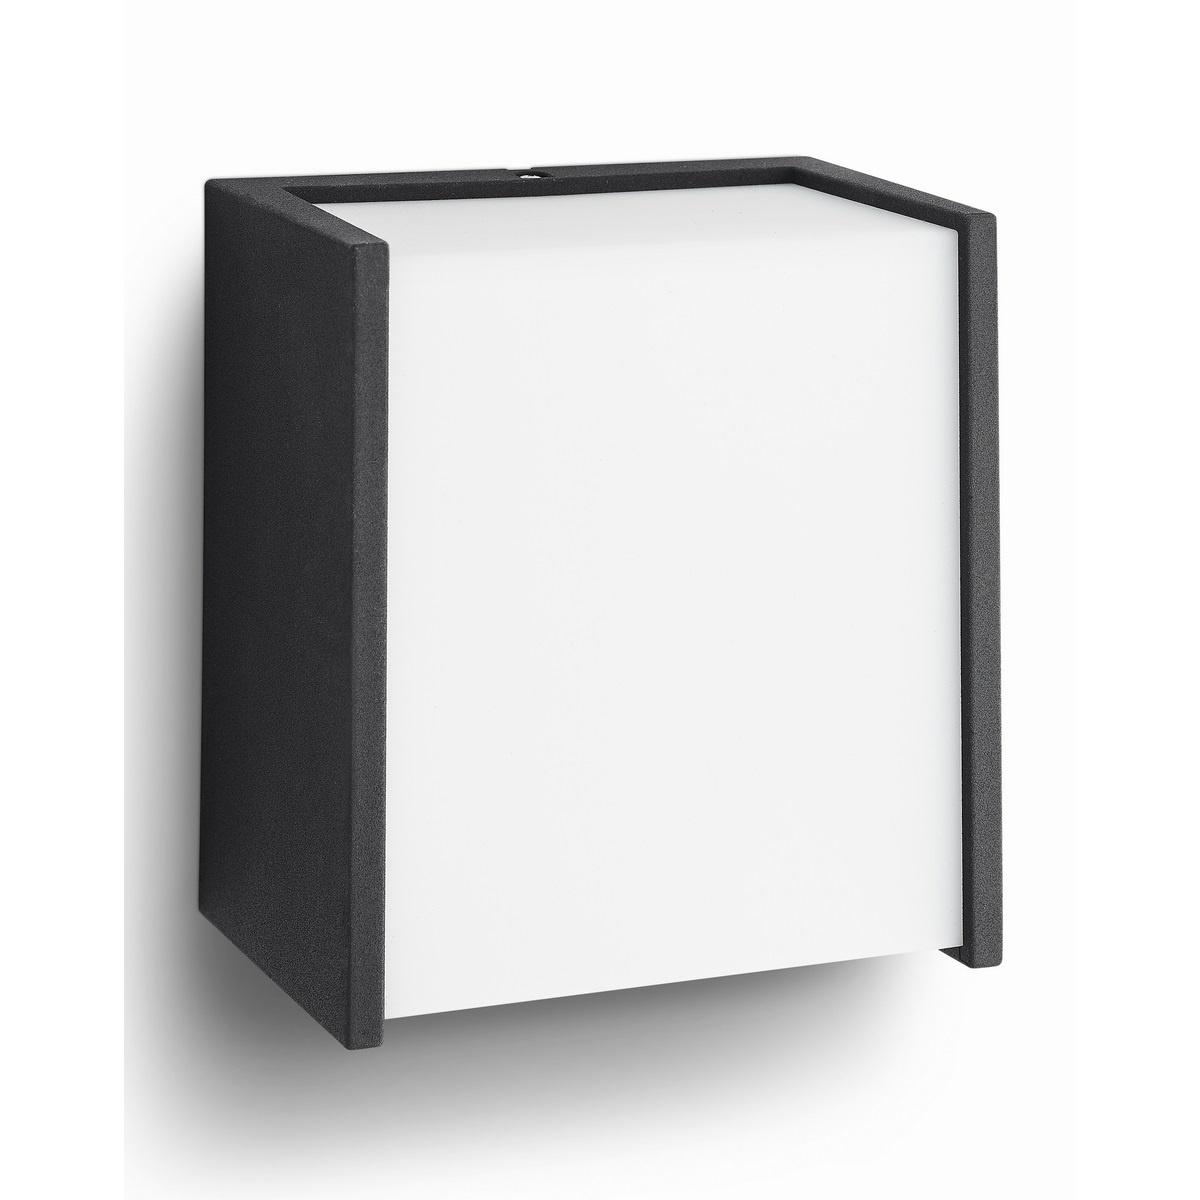 Philips 17302/30/P3 Macaw Vonkajšie nástenné LED svietidlo 13 cm, čierna